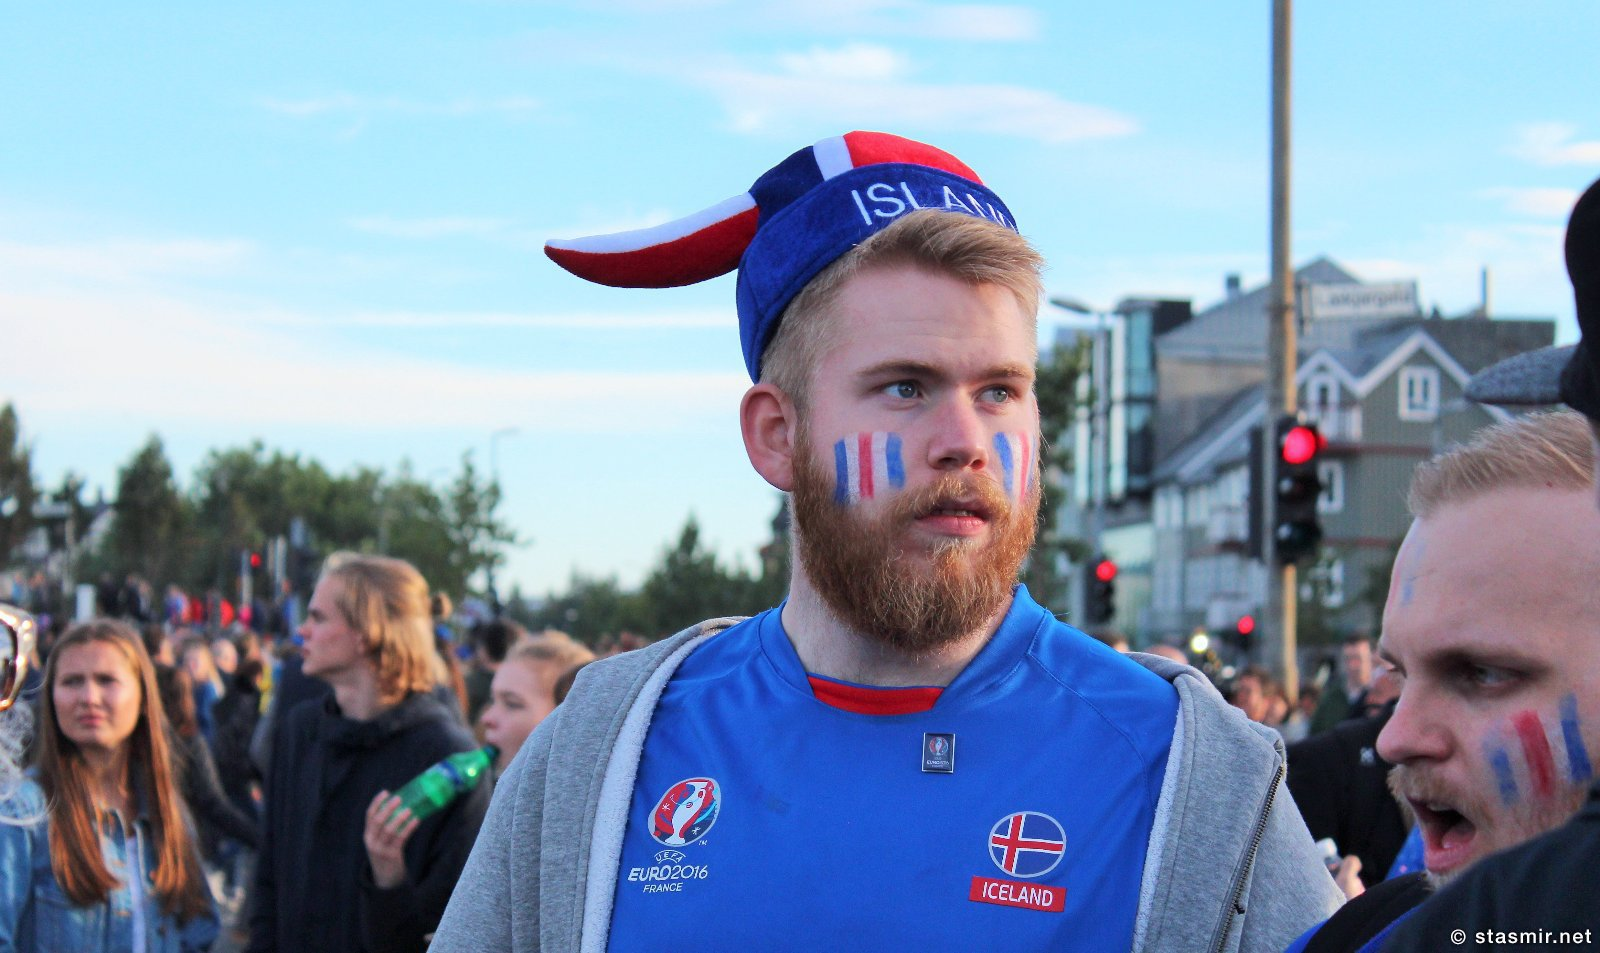 исландские болельщики после матча с Францией в Рейкьявике, Исландия, фото Стасмир, photo Stasmir